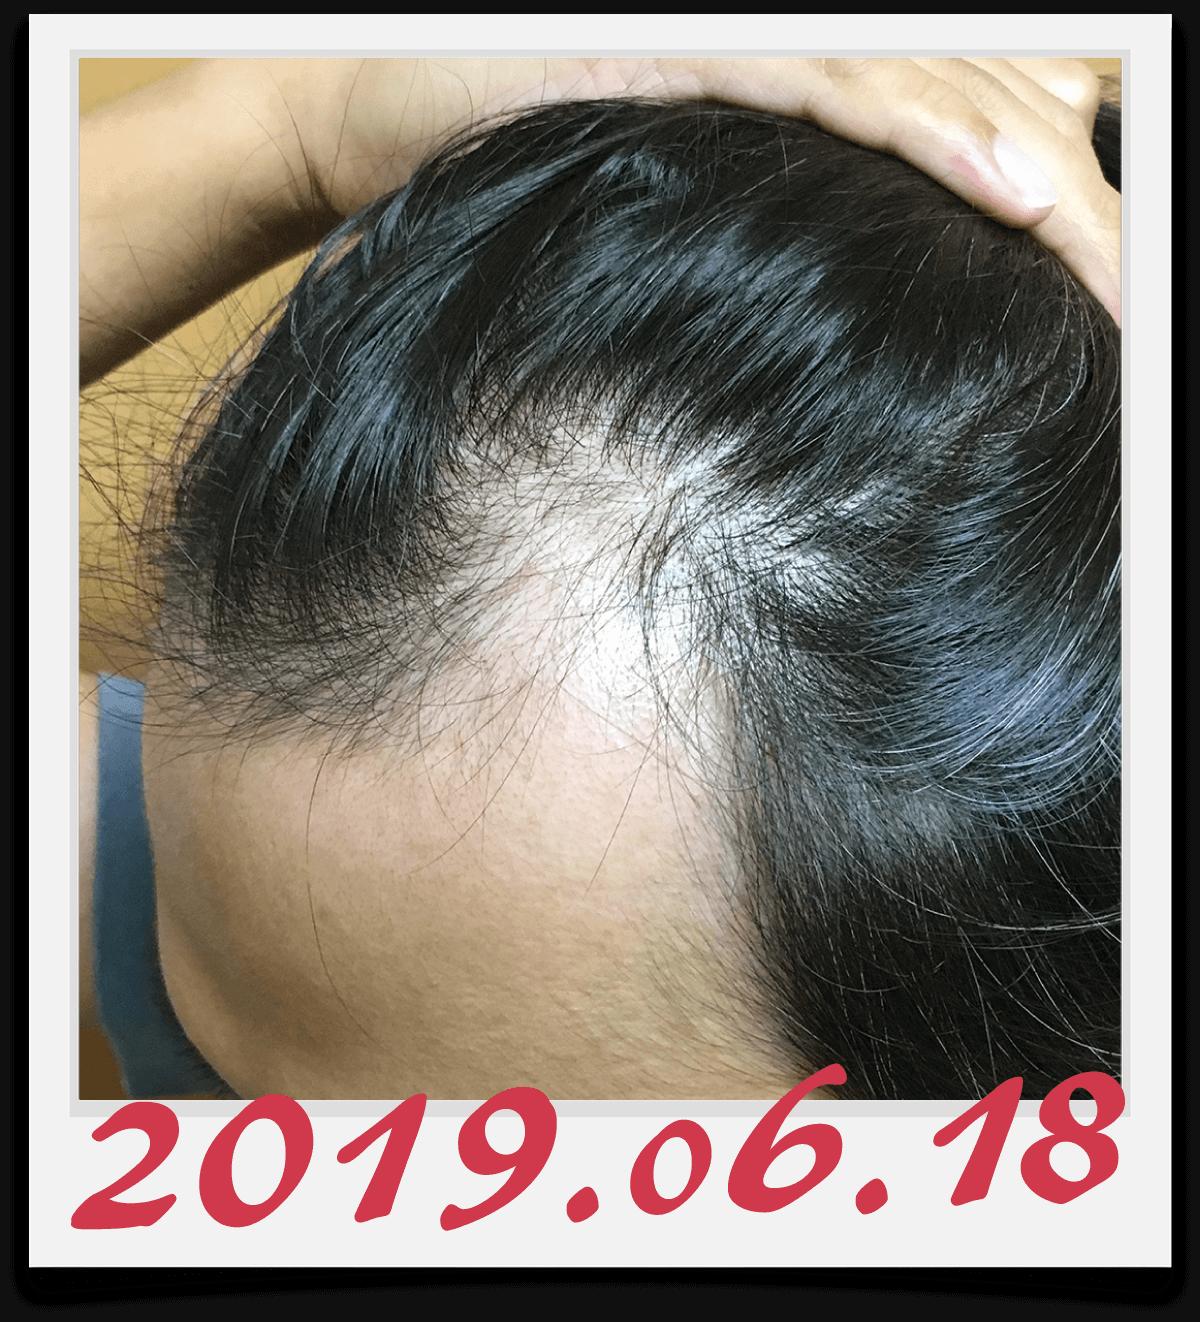 2019年6月18日に撮影した左側の生え際